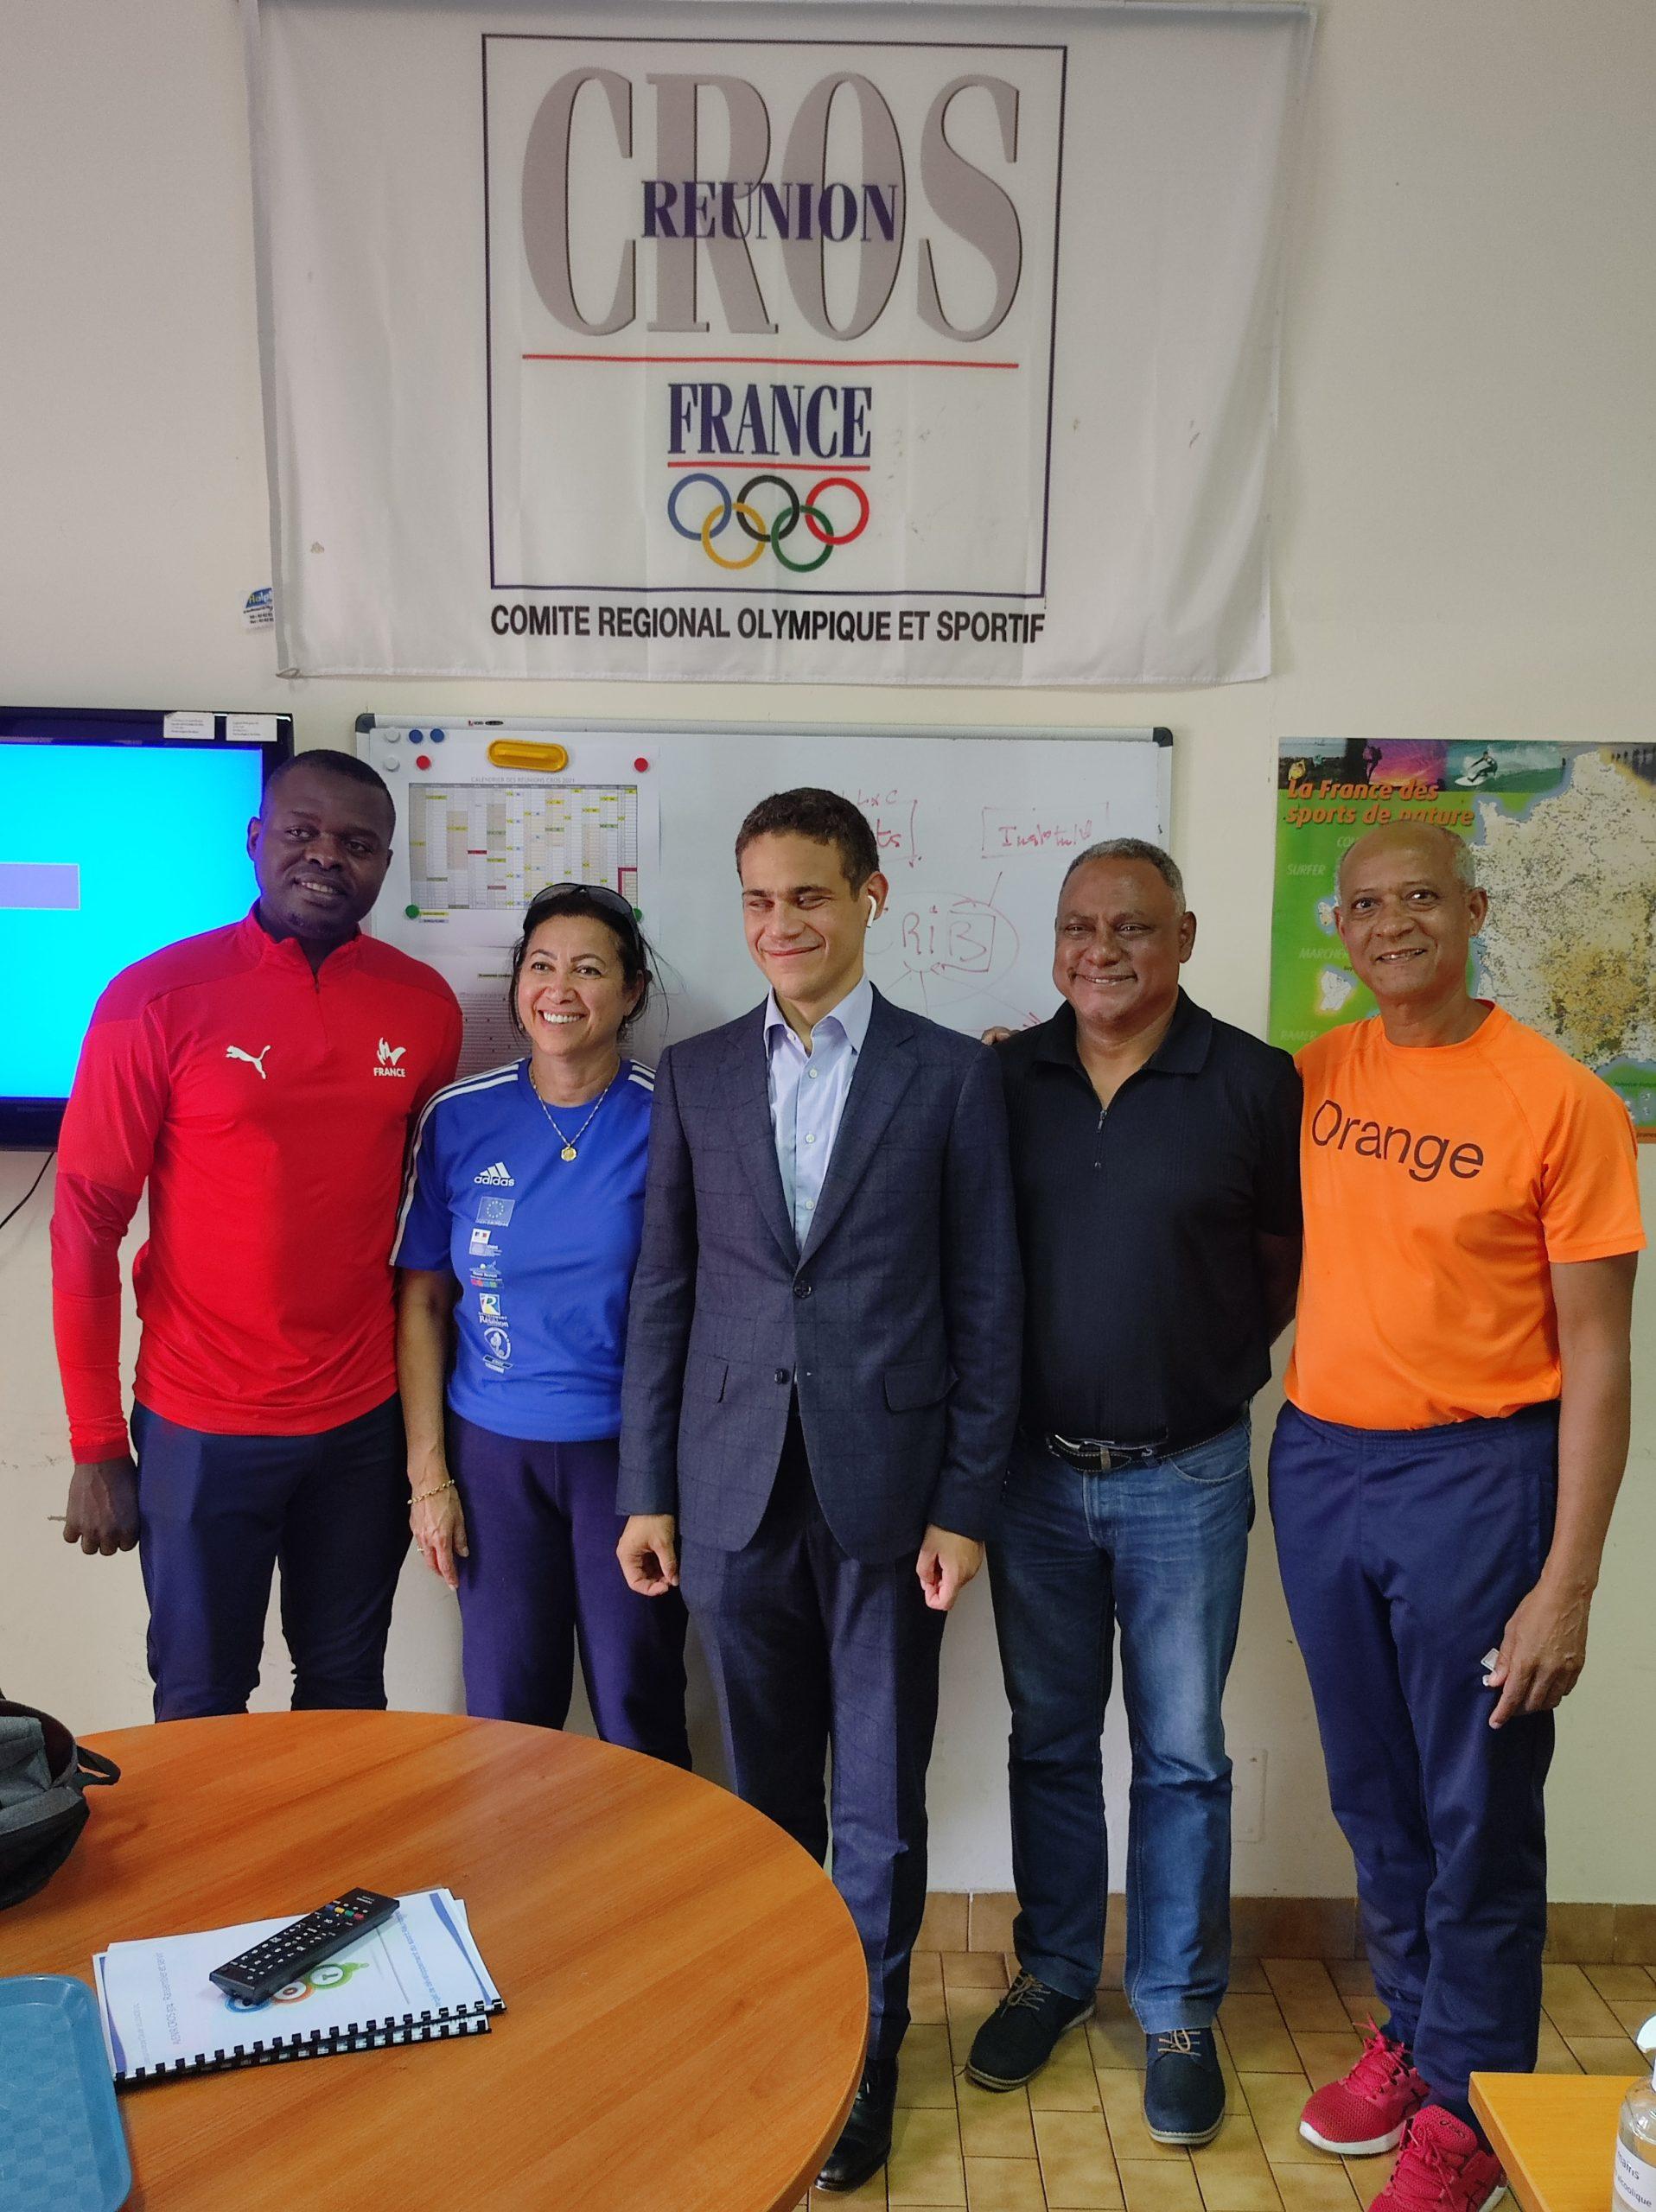 Gaël Rivière, Réunionnais sélectionné pour les Jeux Paralympiques à Tokyo 2021, de Charly Simo, Responsable de la comission Sport Déficient Visuel au CROS La Réunion